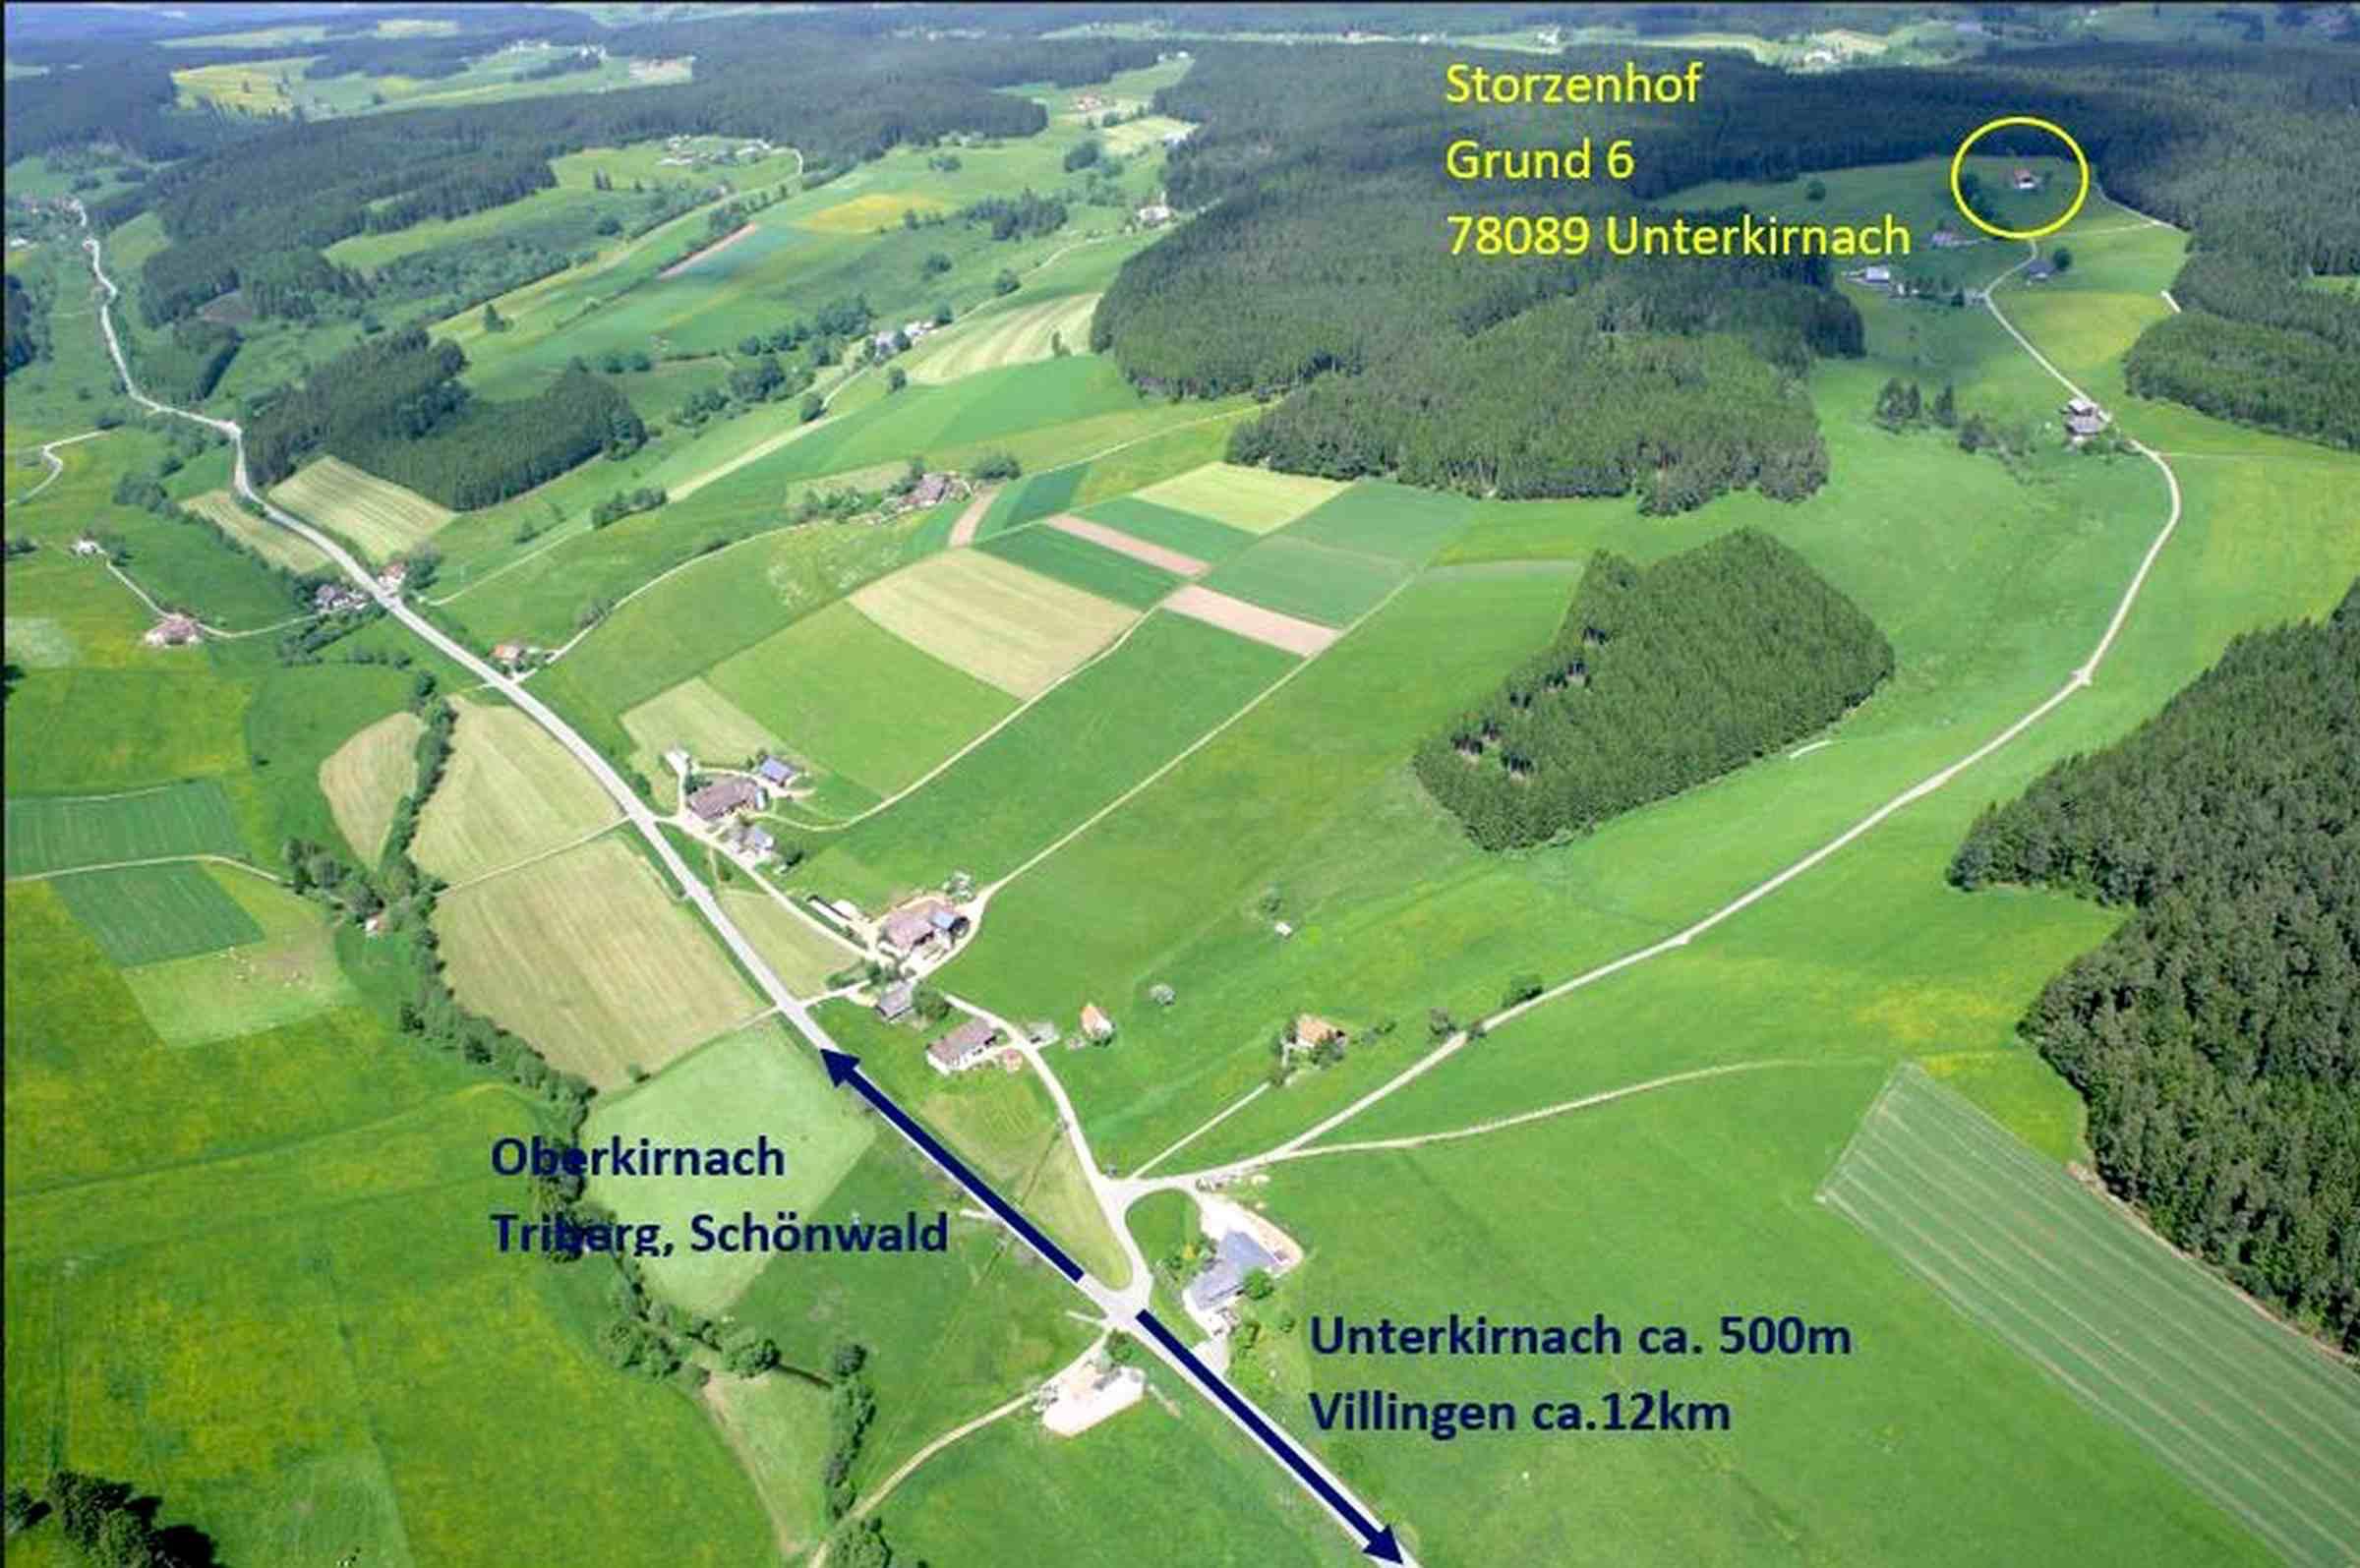 Ferienwohnung Storzenhof, (Unterkirnach). Ferienwohnung, 140qm, 3 Schlafzimmer, max. 8 Personen (2790199), Unterkirnach, Schwarzwald, Baden-Württemberg, Deutschland, Bild 6